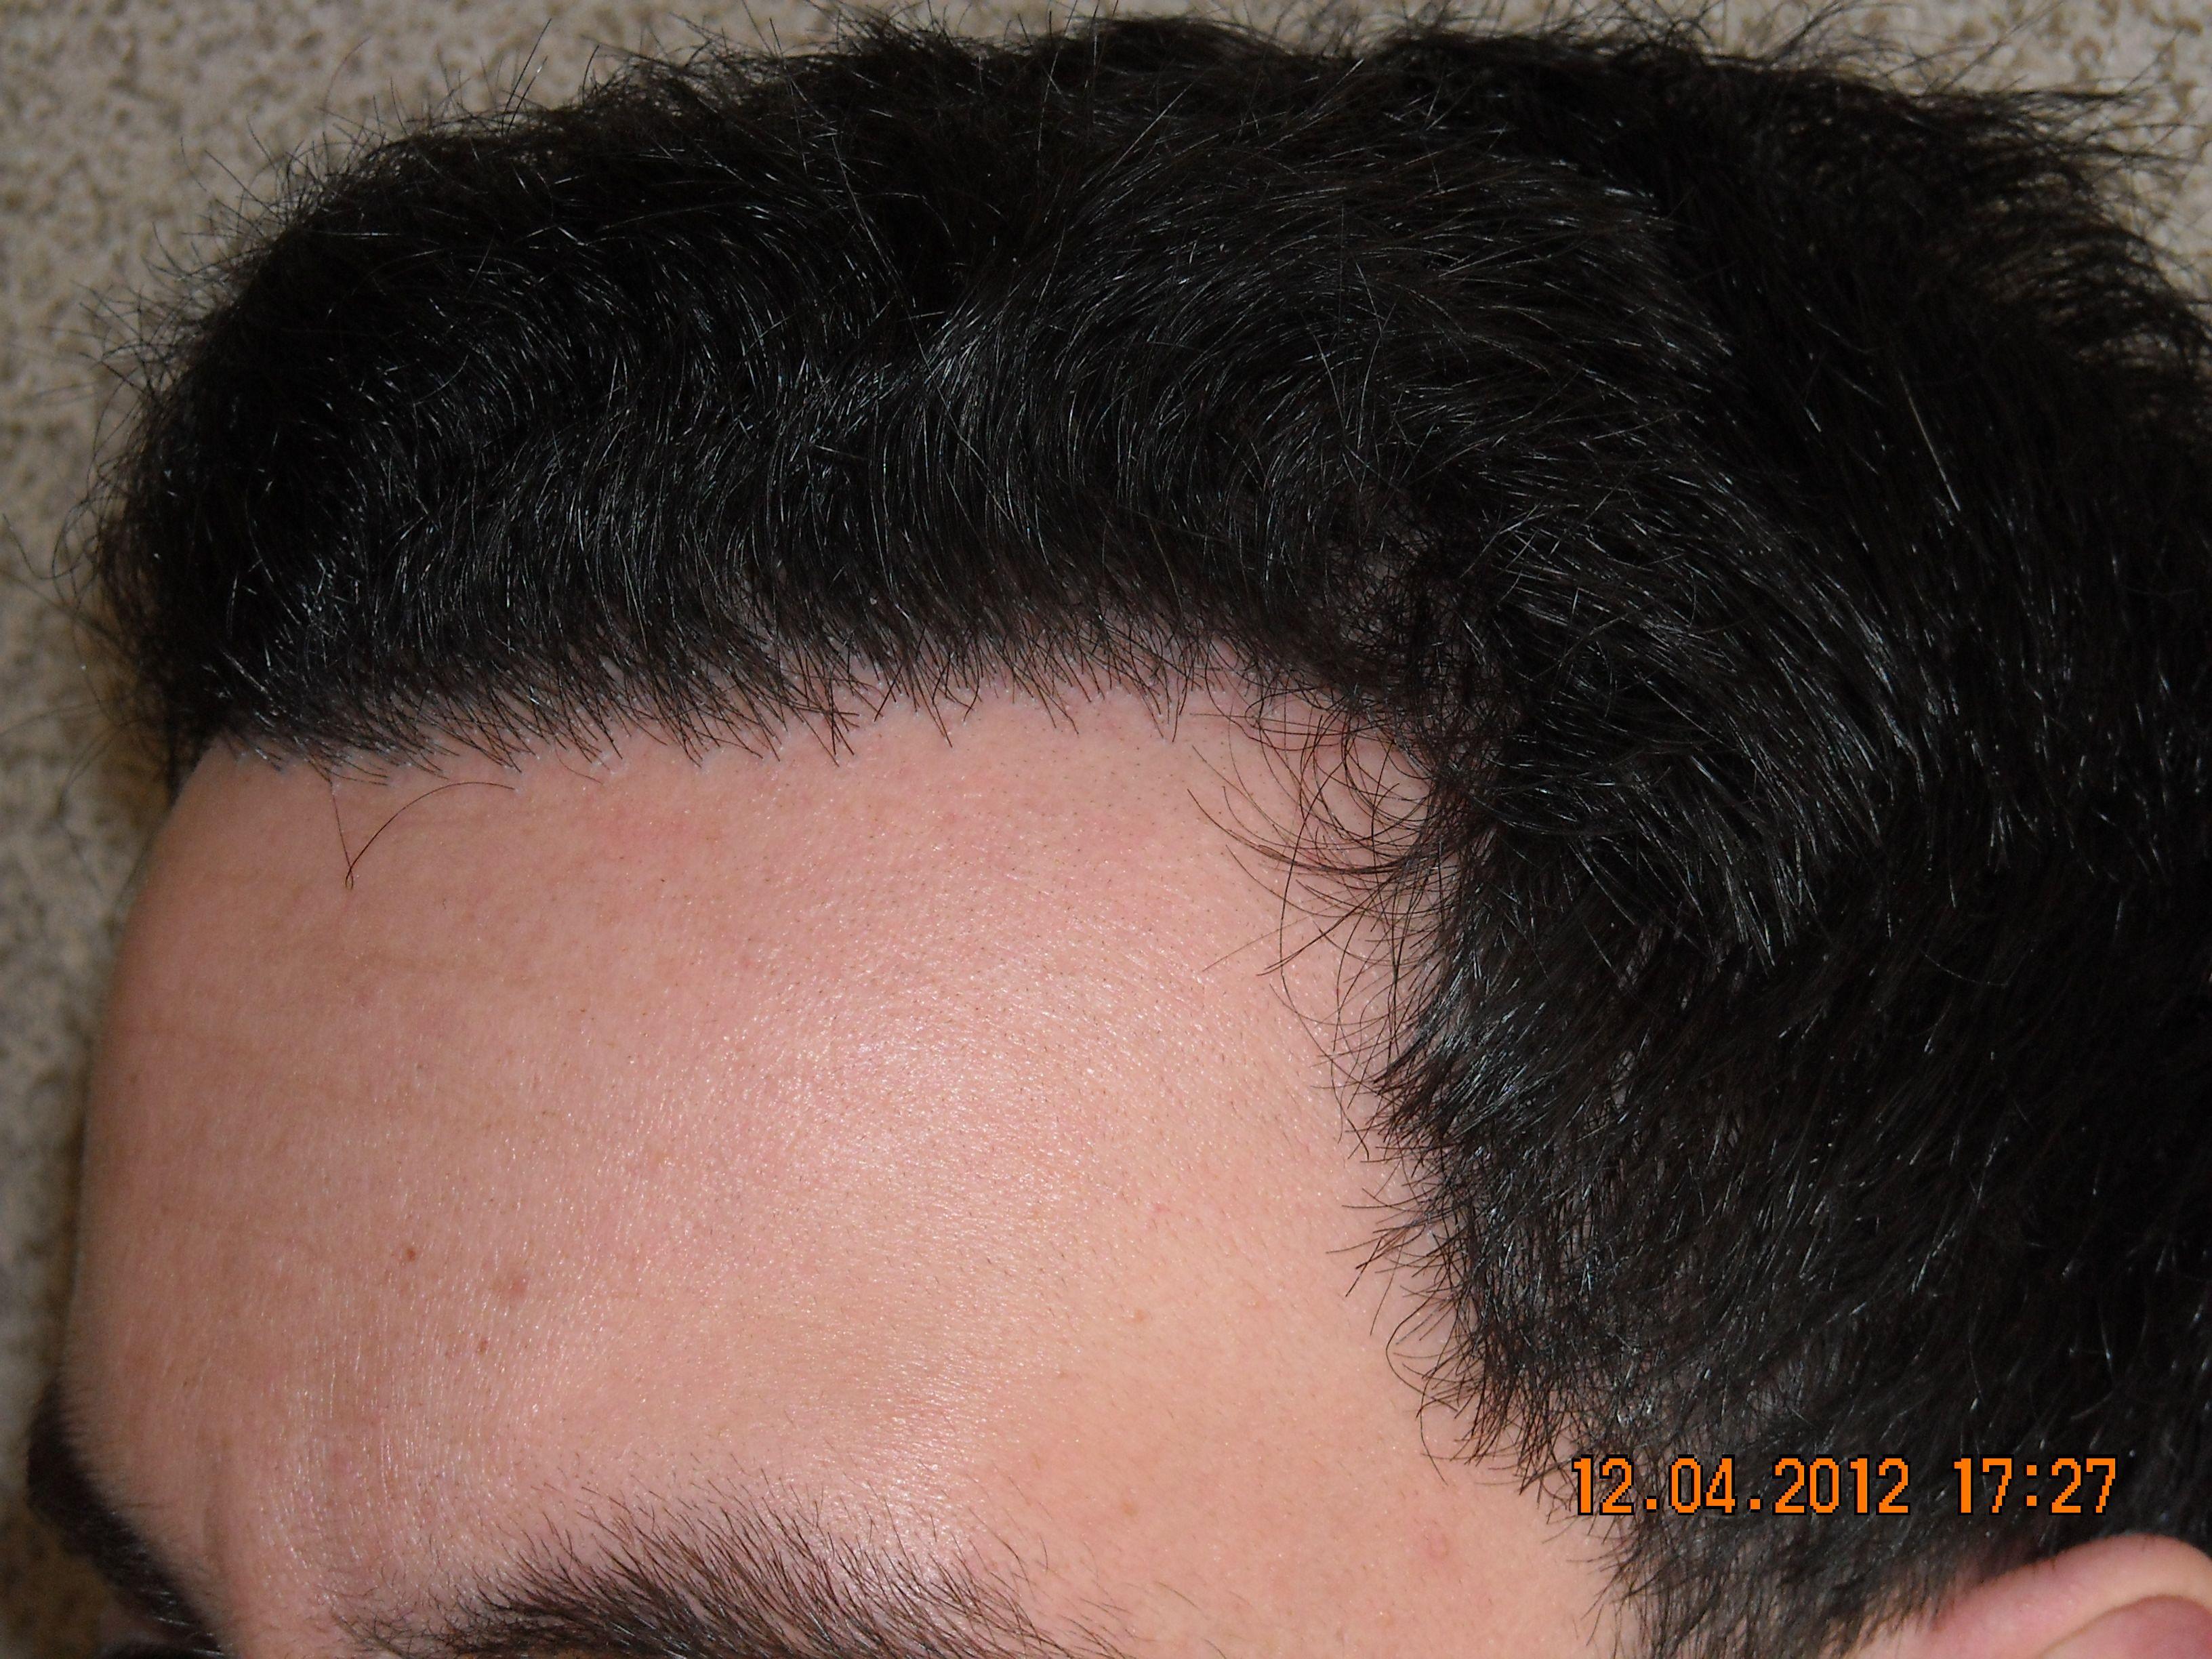 Resultatet 8 månader efter en hårtransplantation. April 2012